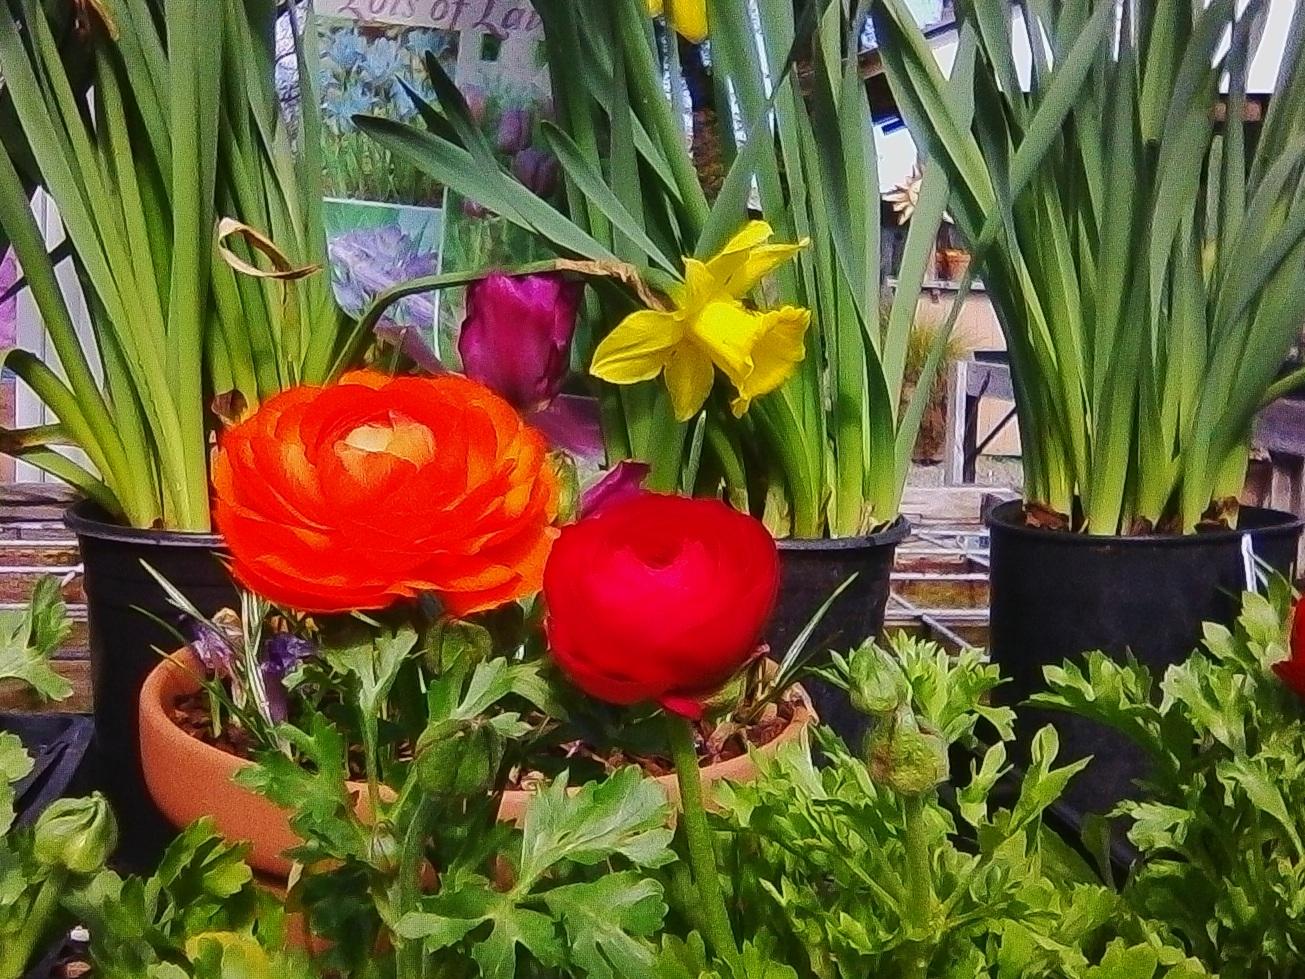 Ranunculus and Narcissus